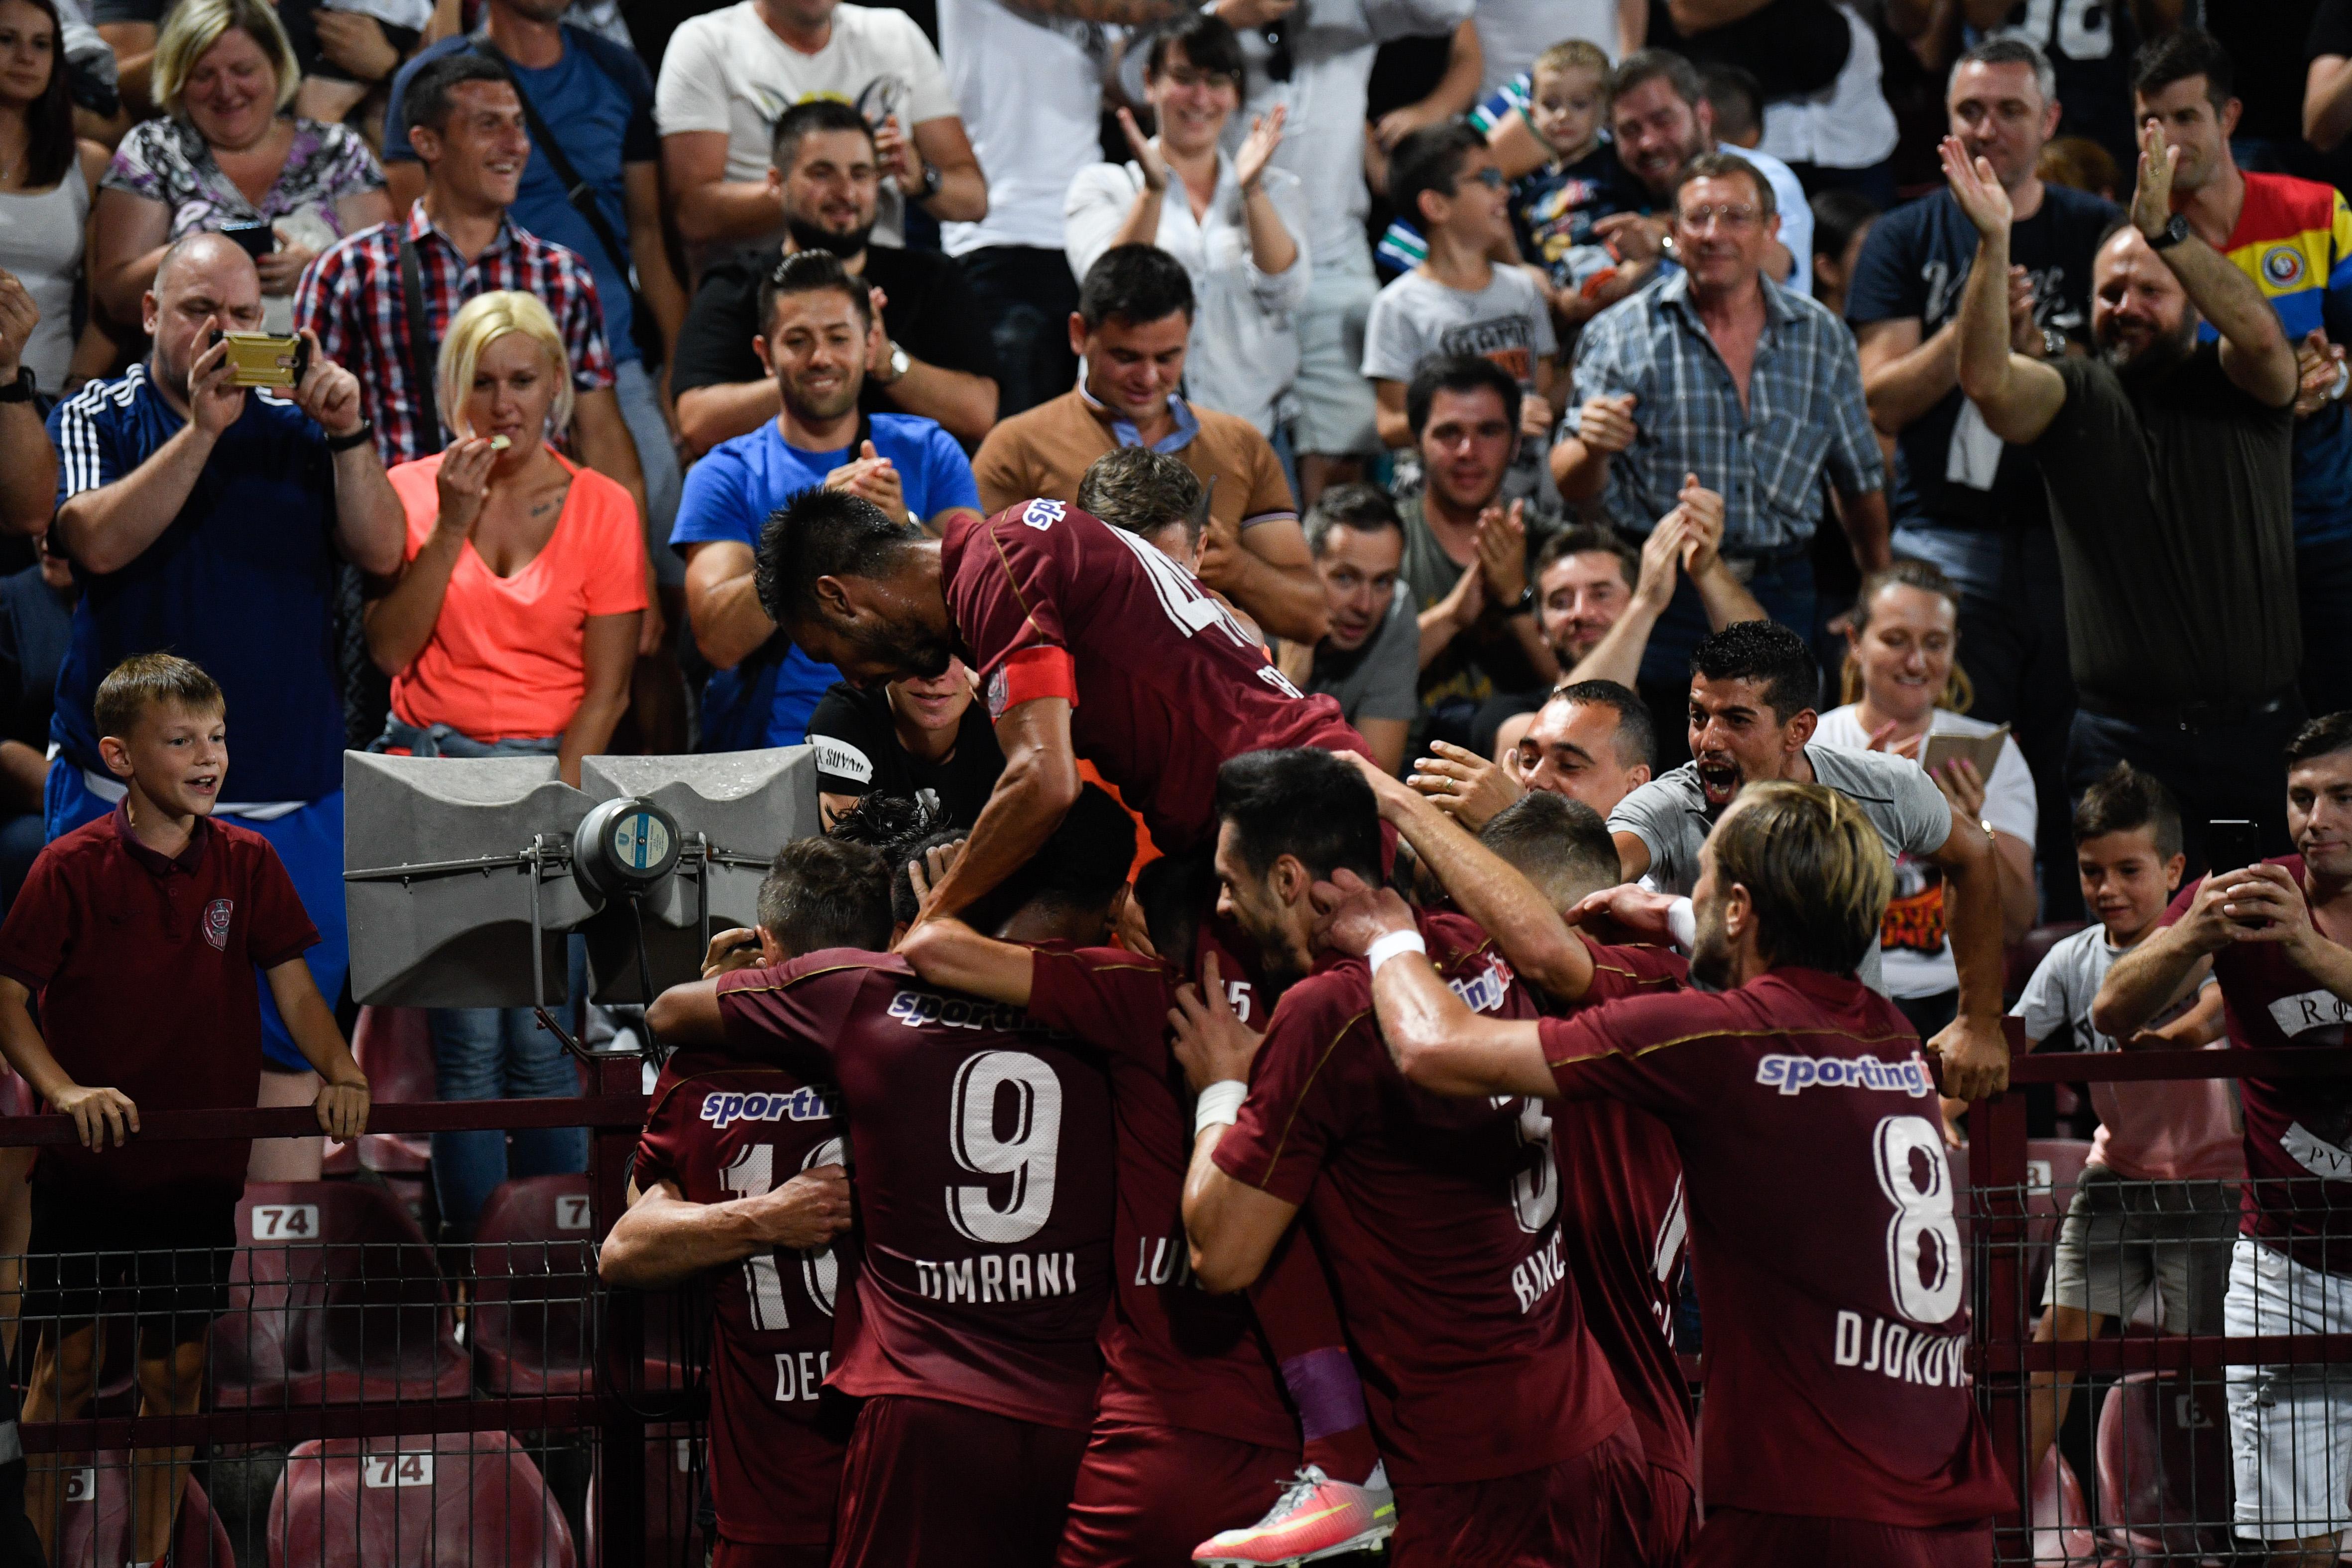 CFR a reușit calificarea în play-off-ul Ligii Campionilor. Sursă Foto: Sportpictures.eu